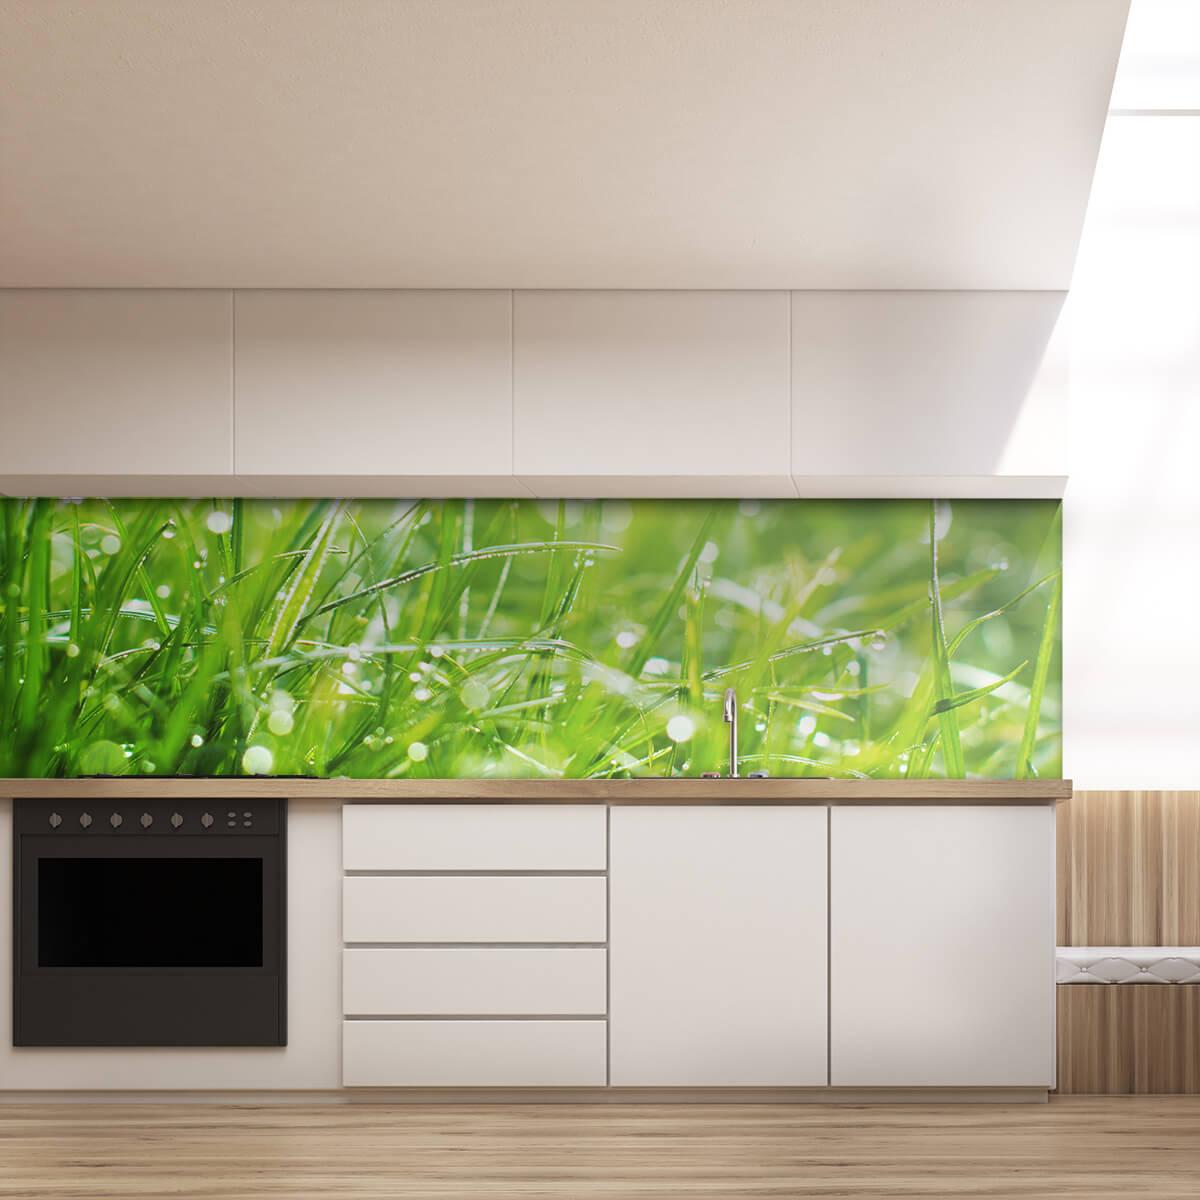 Kchenrckwand aus Glas Gras 989704222